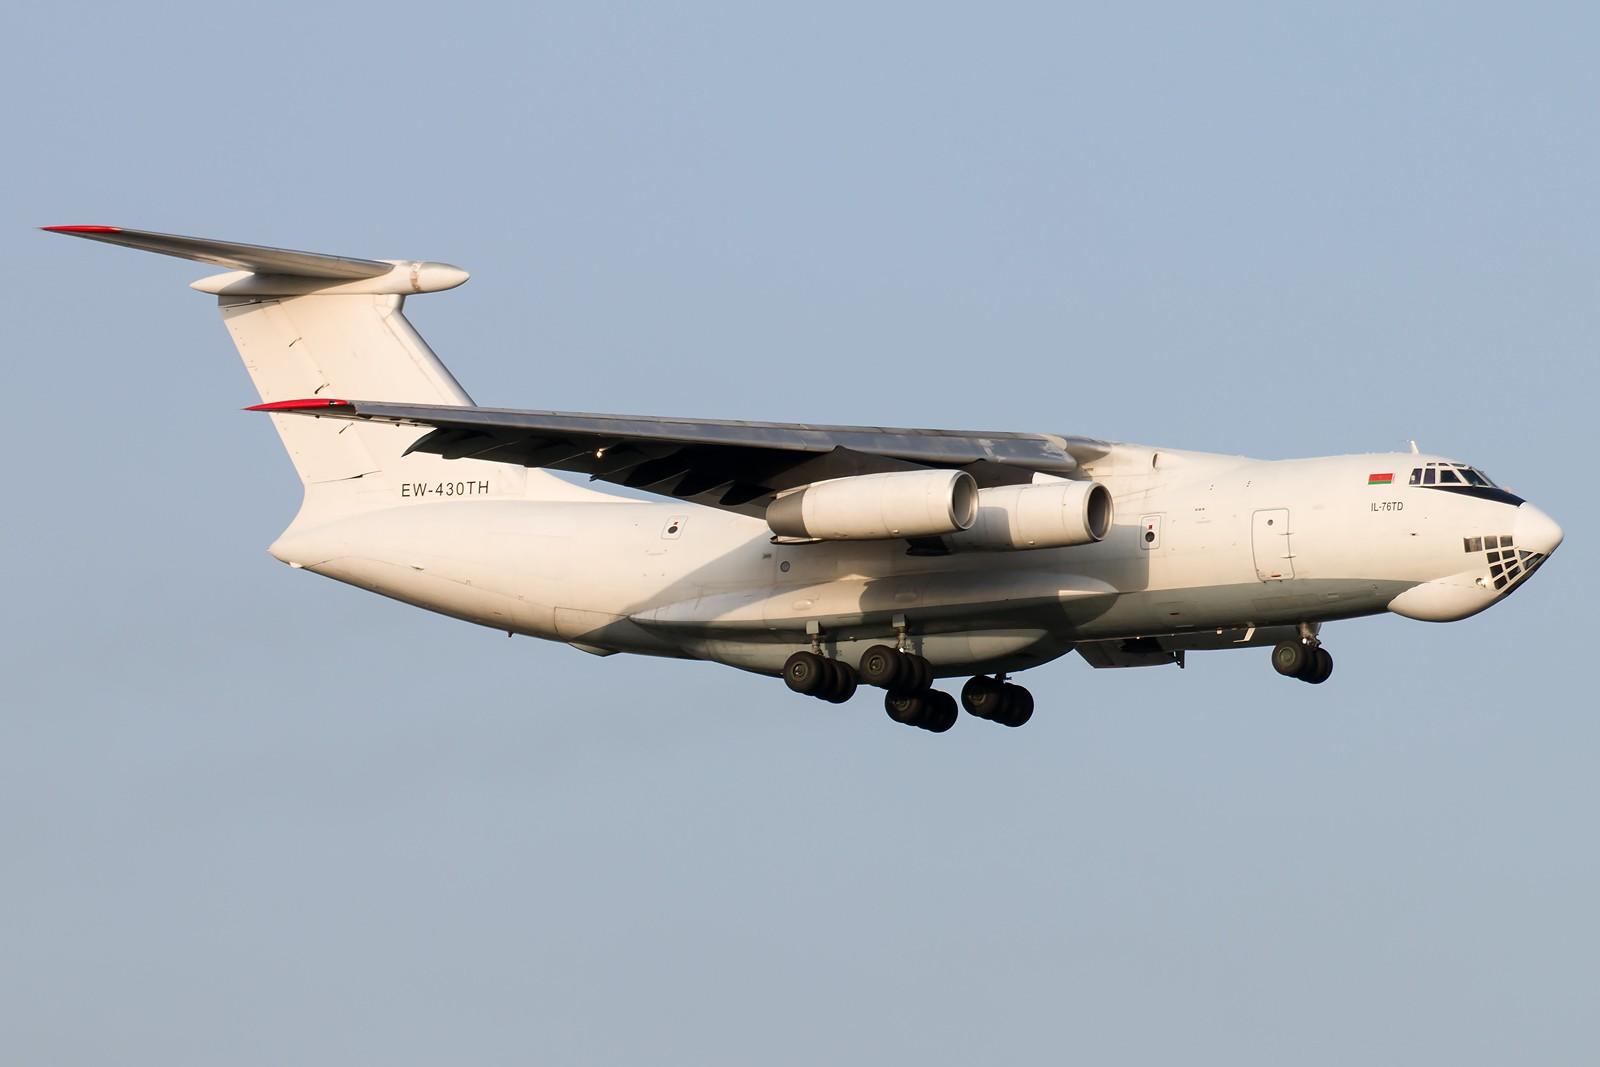 [原创]晨练的季节到了 1600*1067 [8pics] ILYUSHIN IL-76TD EW-430TH 中国北京首都国际机场